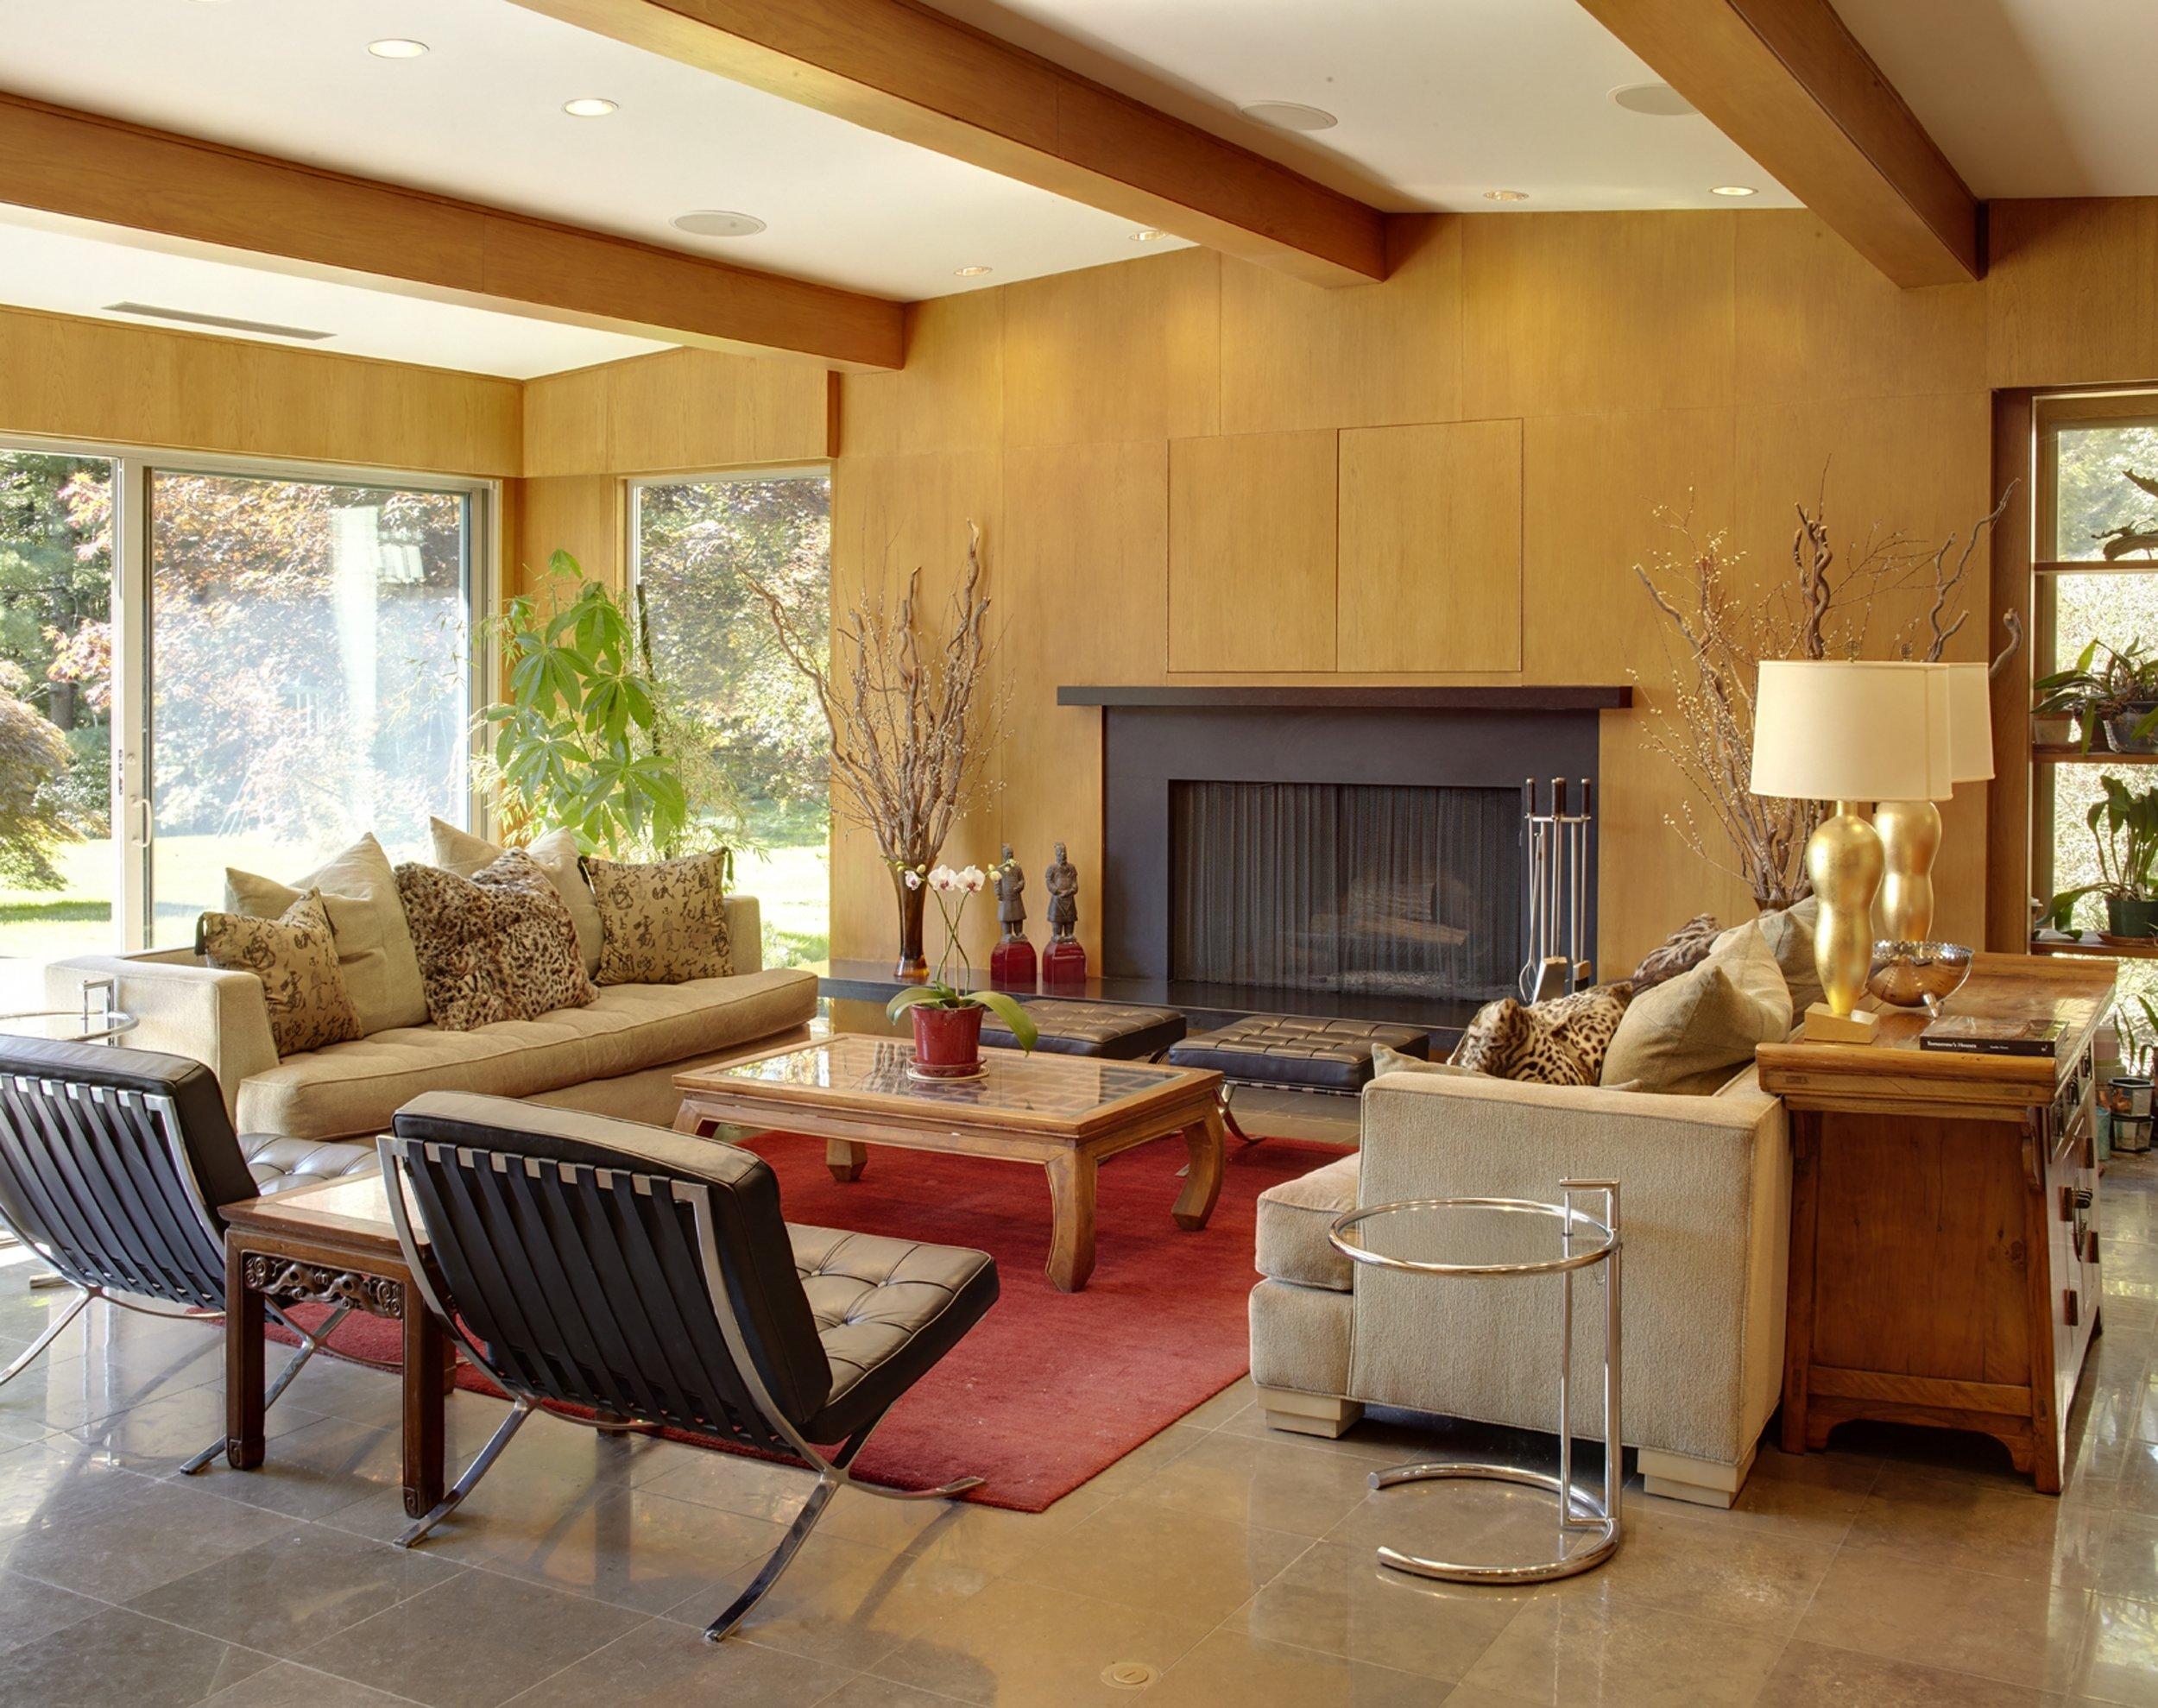 10 Unique Mid Century Modern Decorating Ideas attractive mid century modern furniture for living room interior 2020